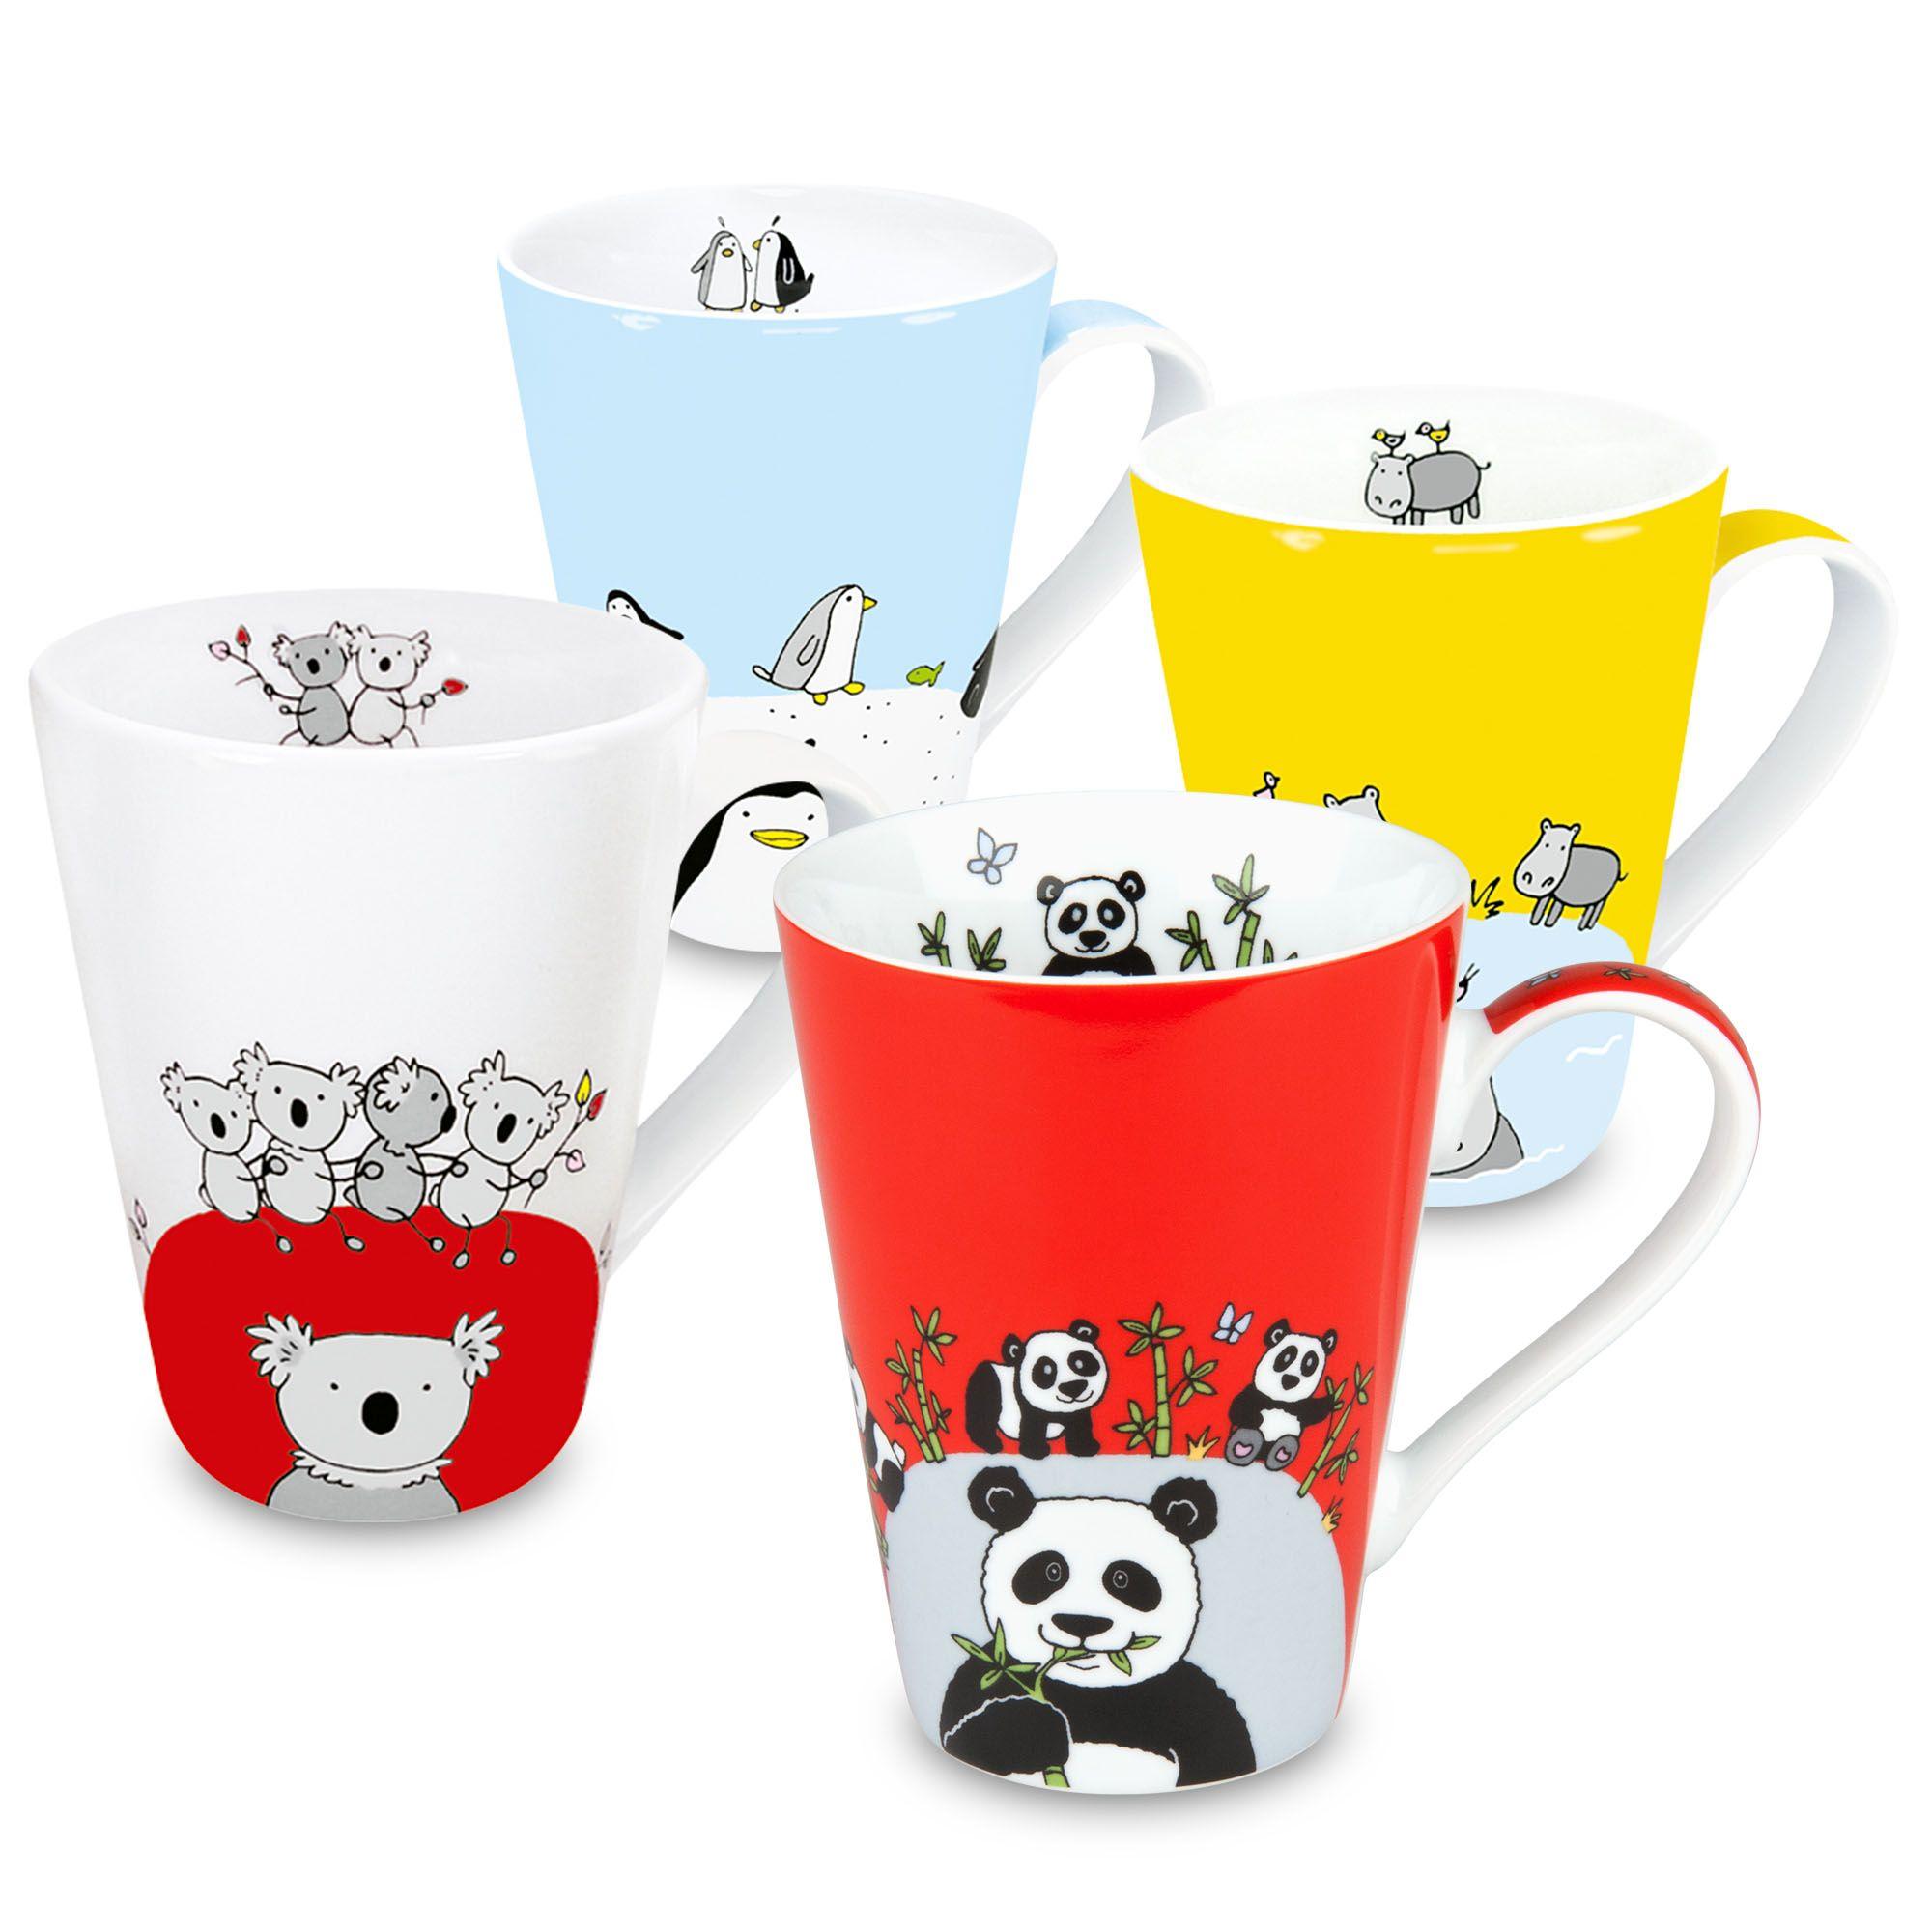 Globetrotter Zoo Animal Mugs (Panda, Hippo, Koala, Penguin ...